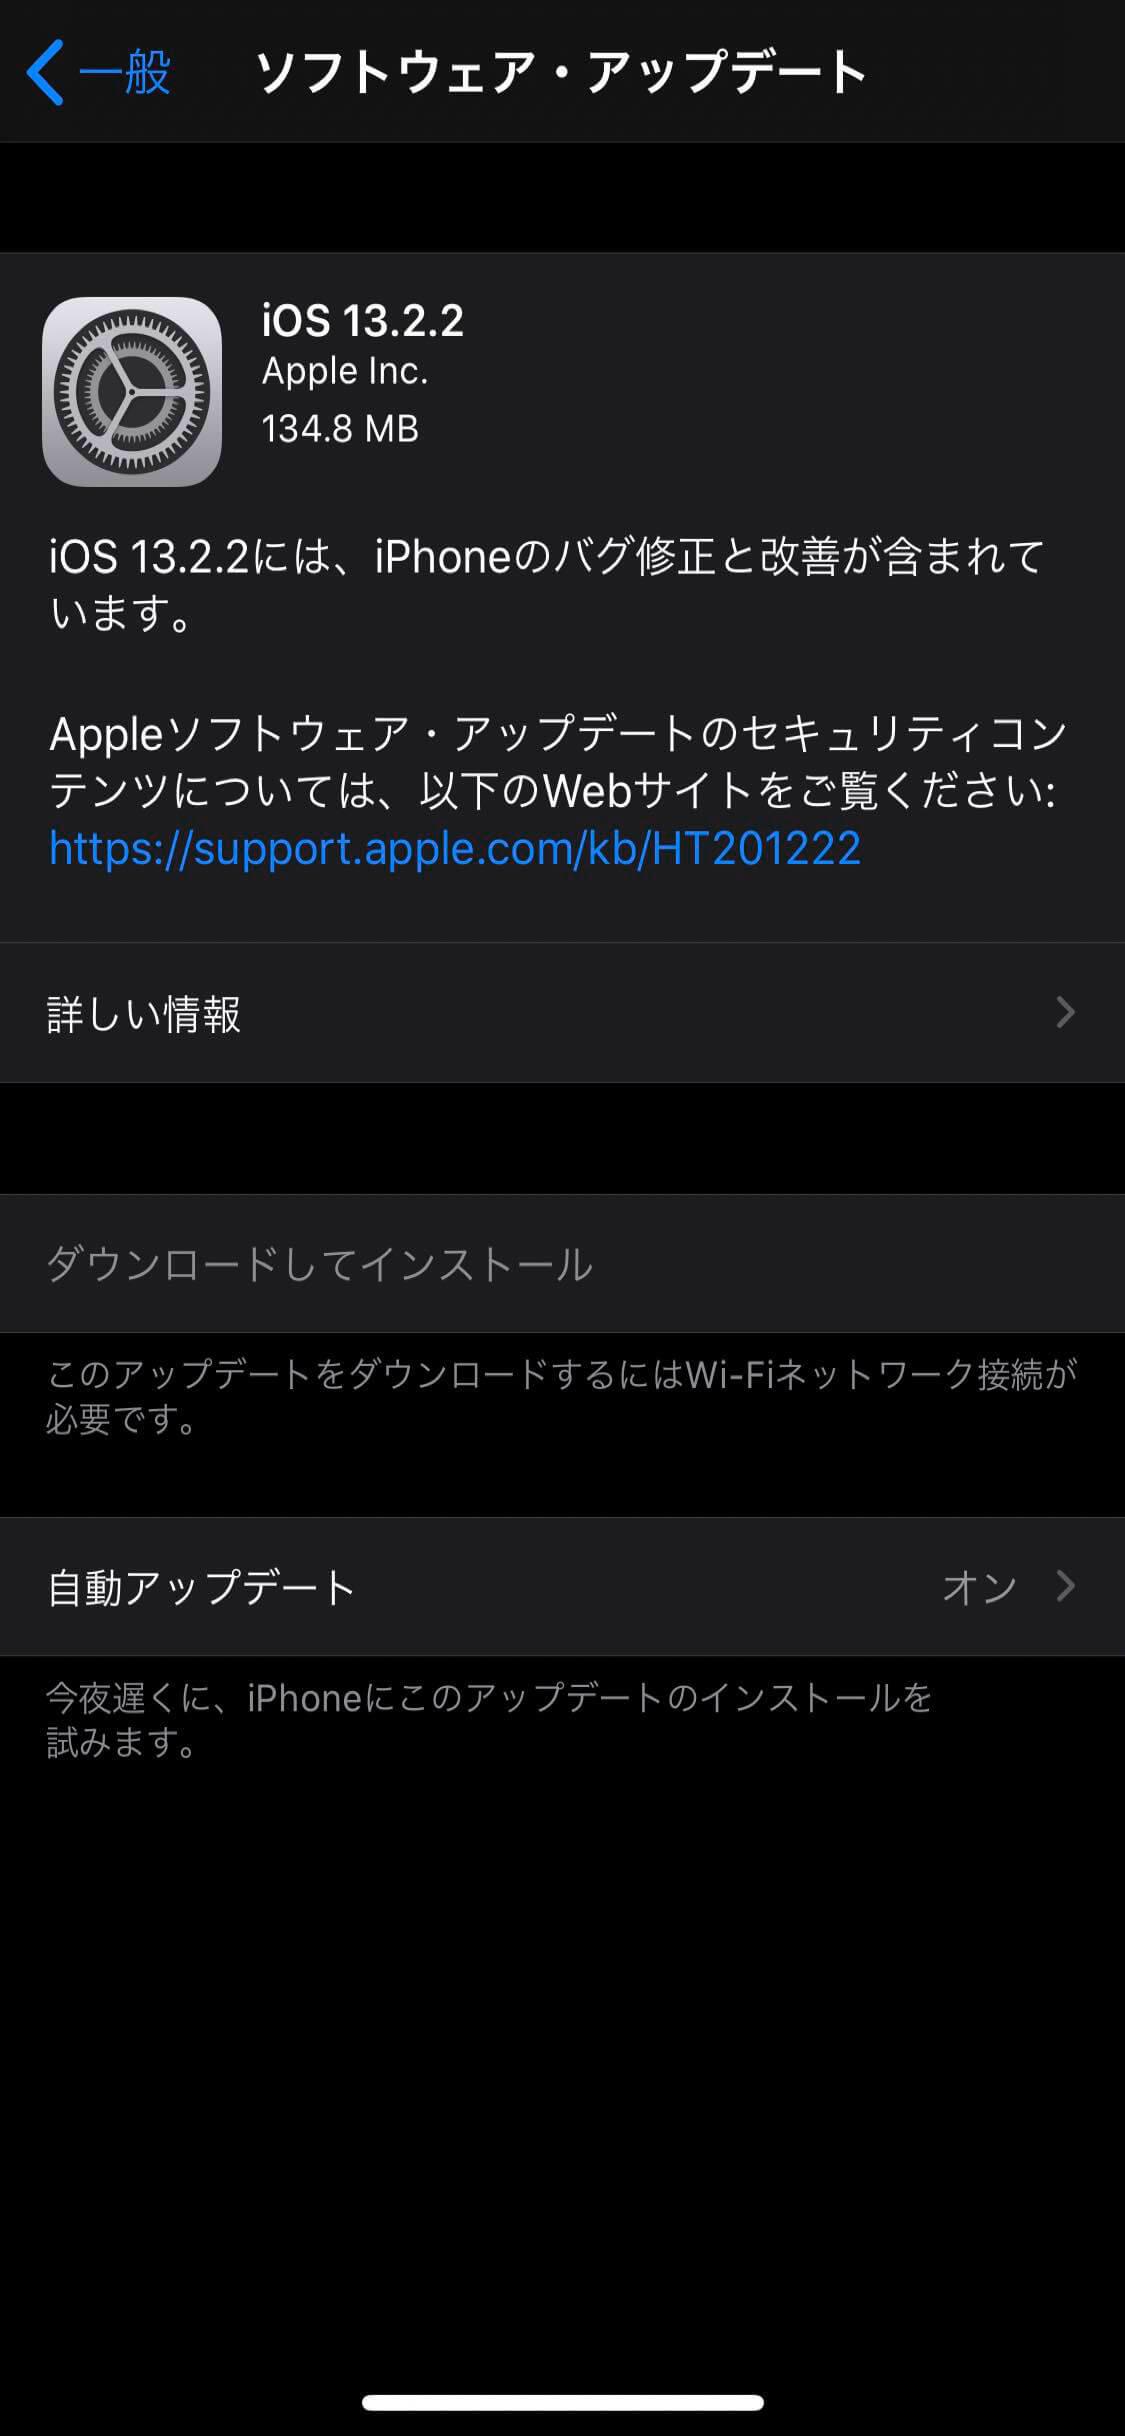 iOS13.2.2